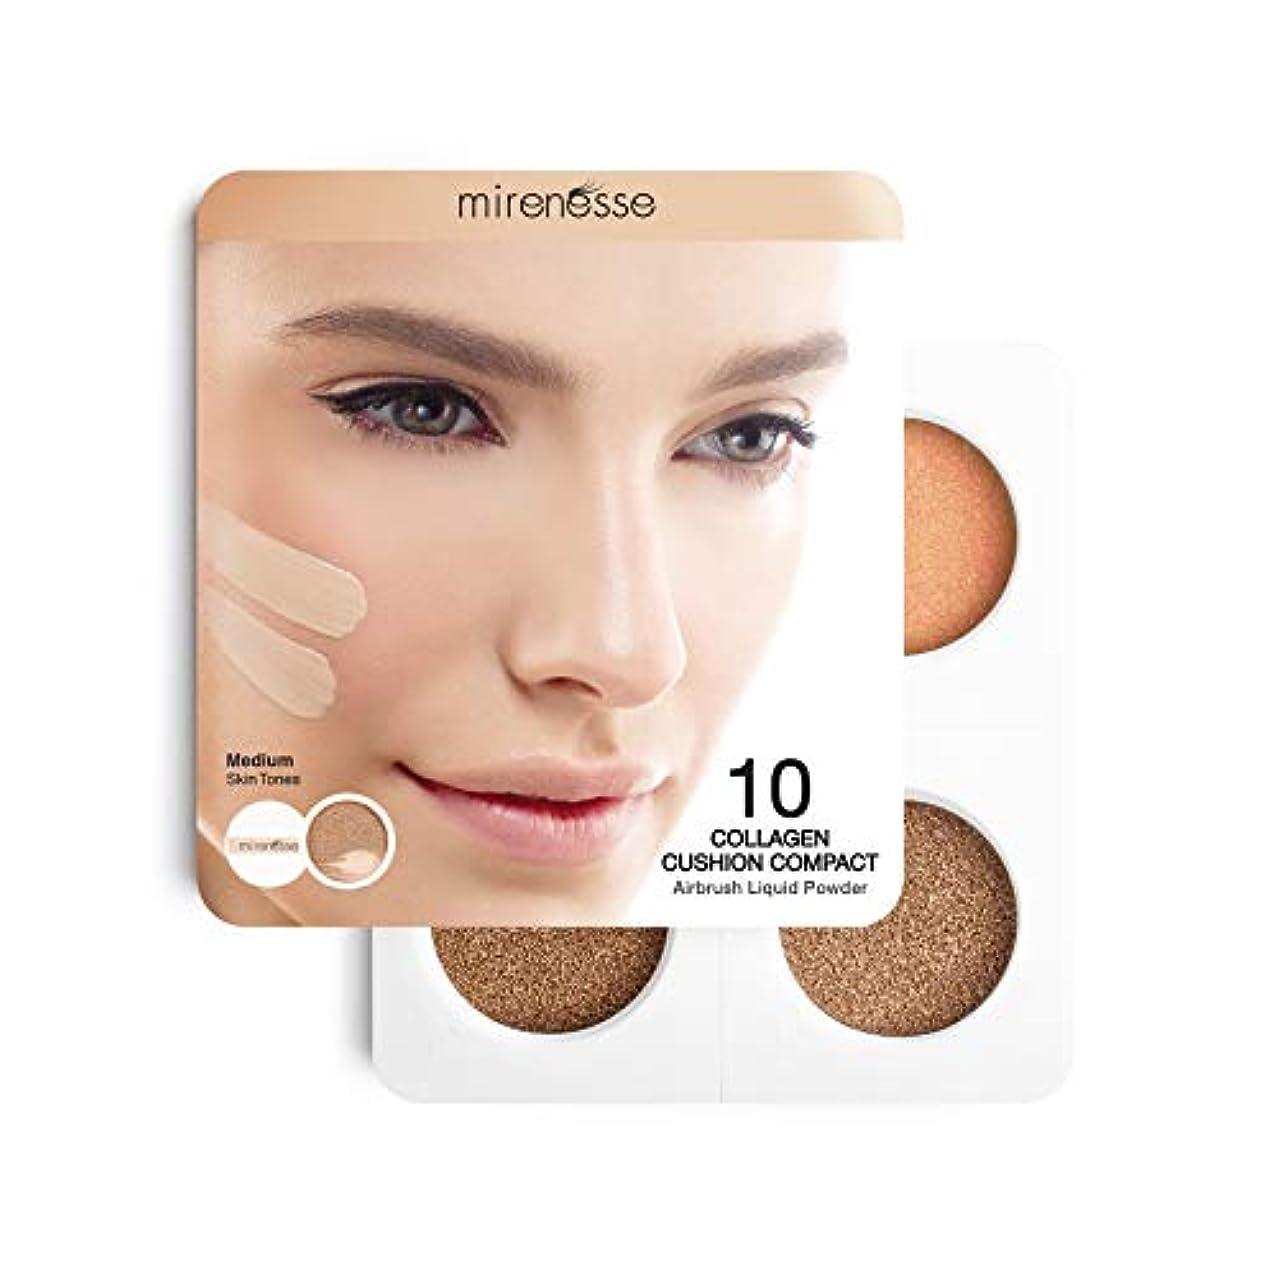 チェリー保存心配するMirenesse Cosmetics 4Pce 10 Collagen Cushion Foundation Sampler - Medium/Dark